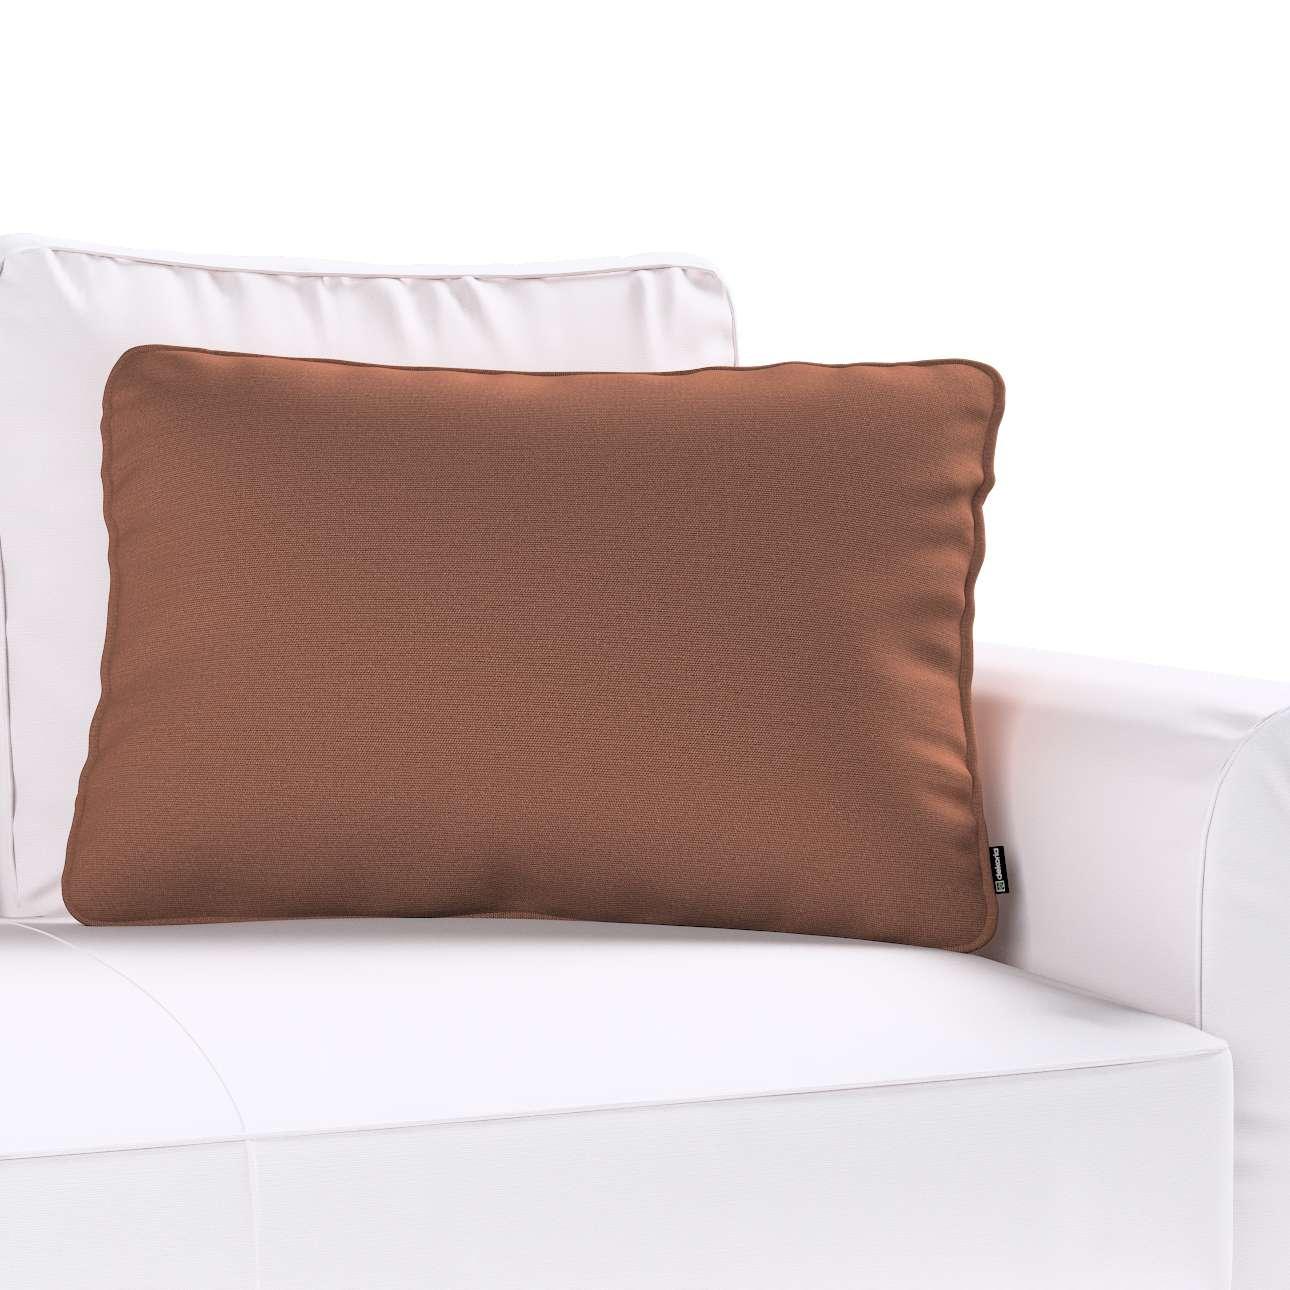 Poszewka Gabi na poduszkę prostokątna w kolekcji Loneta, tkanina: 133-09